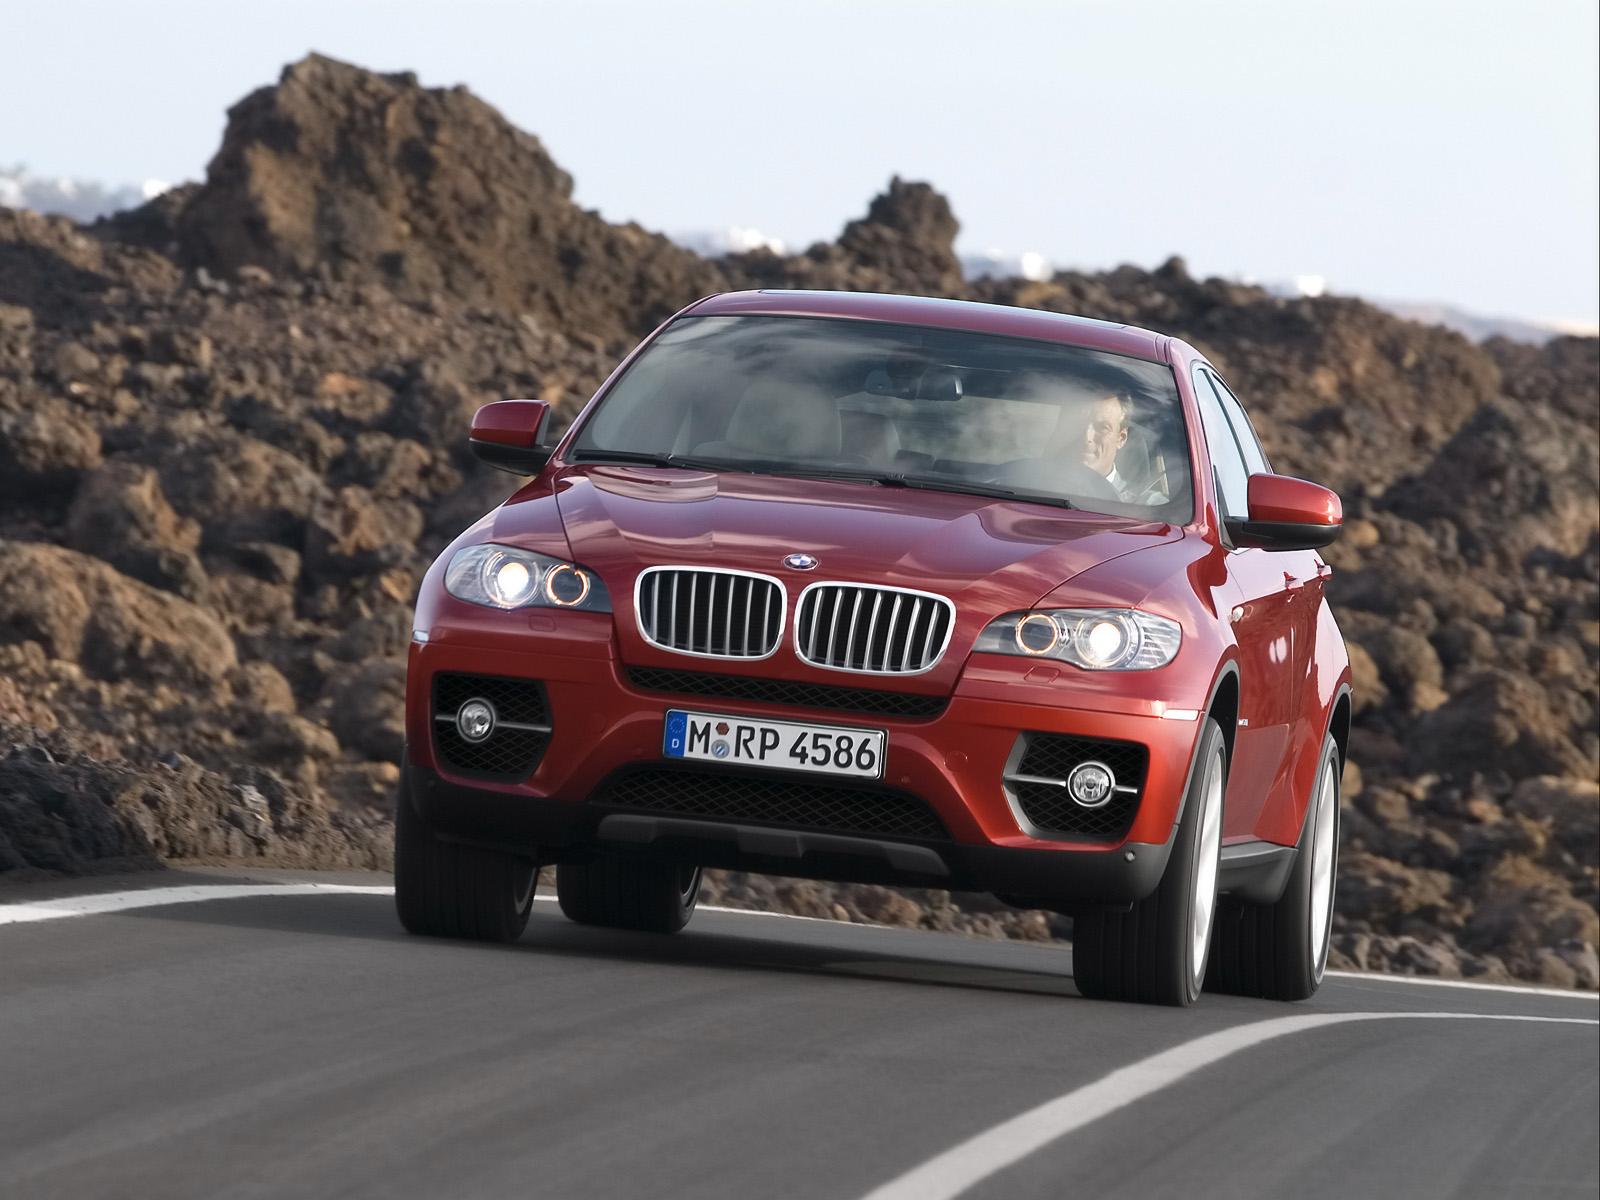 La face avant de la BMX X6 xDrive50i est marquée par ces naseaux BMW auxquels des barrettes chromées viennent ajouter de la verticalité. Les projecteurs antibrouillard sont intégrées dans le bouclier avant au milieu des entrées d'air latérales. Les rétroviseurs extérieurs avaient été dessinés avec plus d'élégance sur le concept car BMW Concept X6.